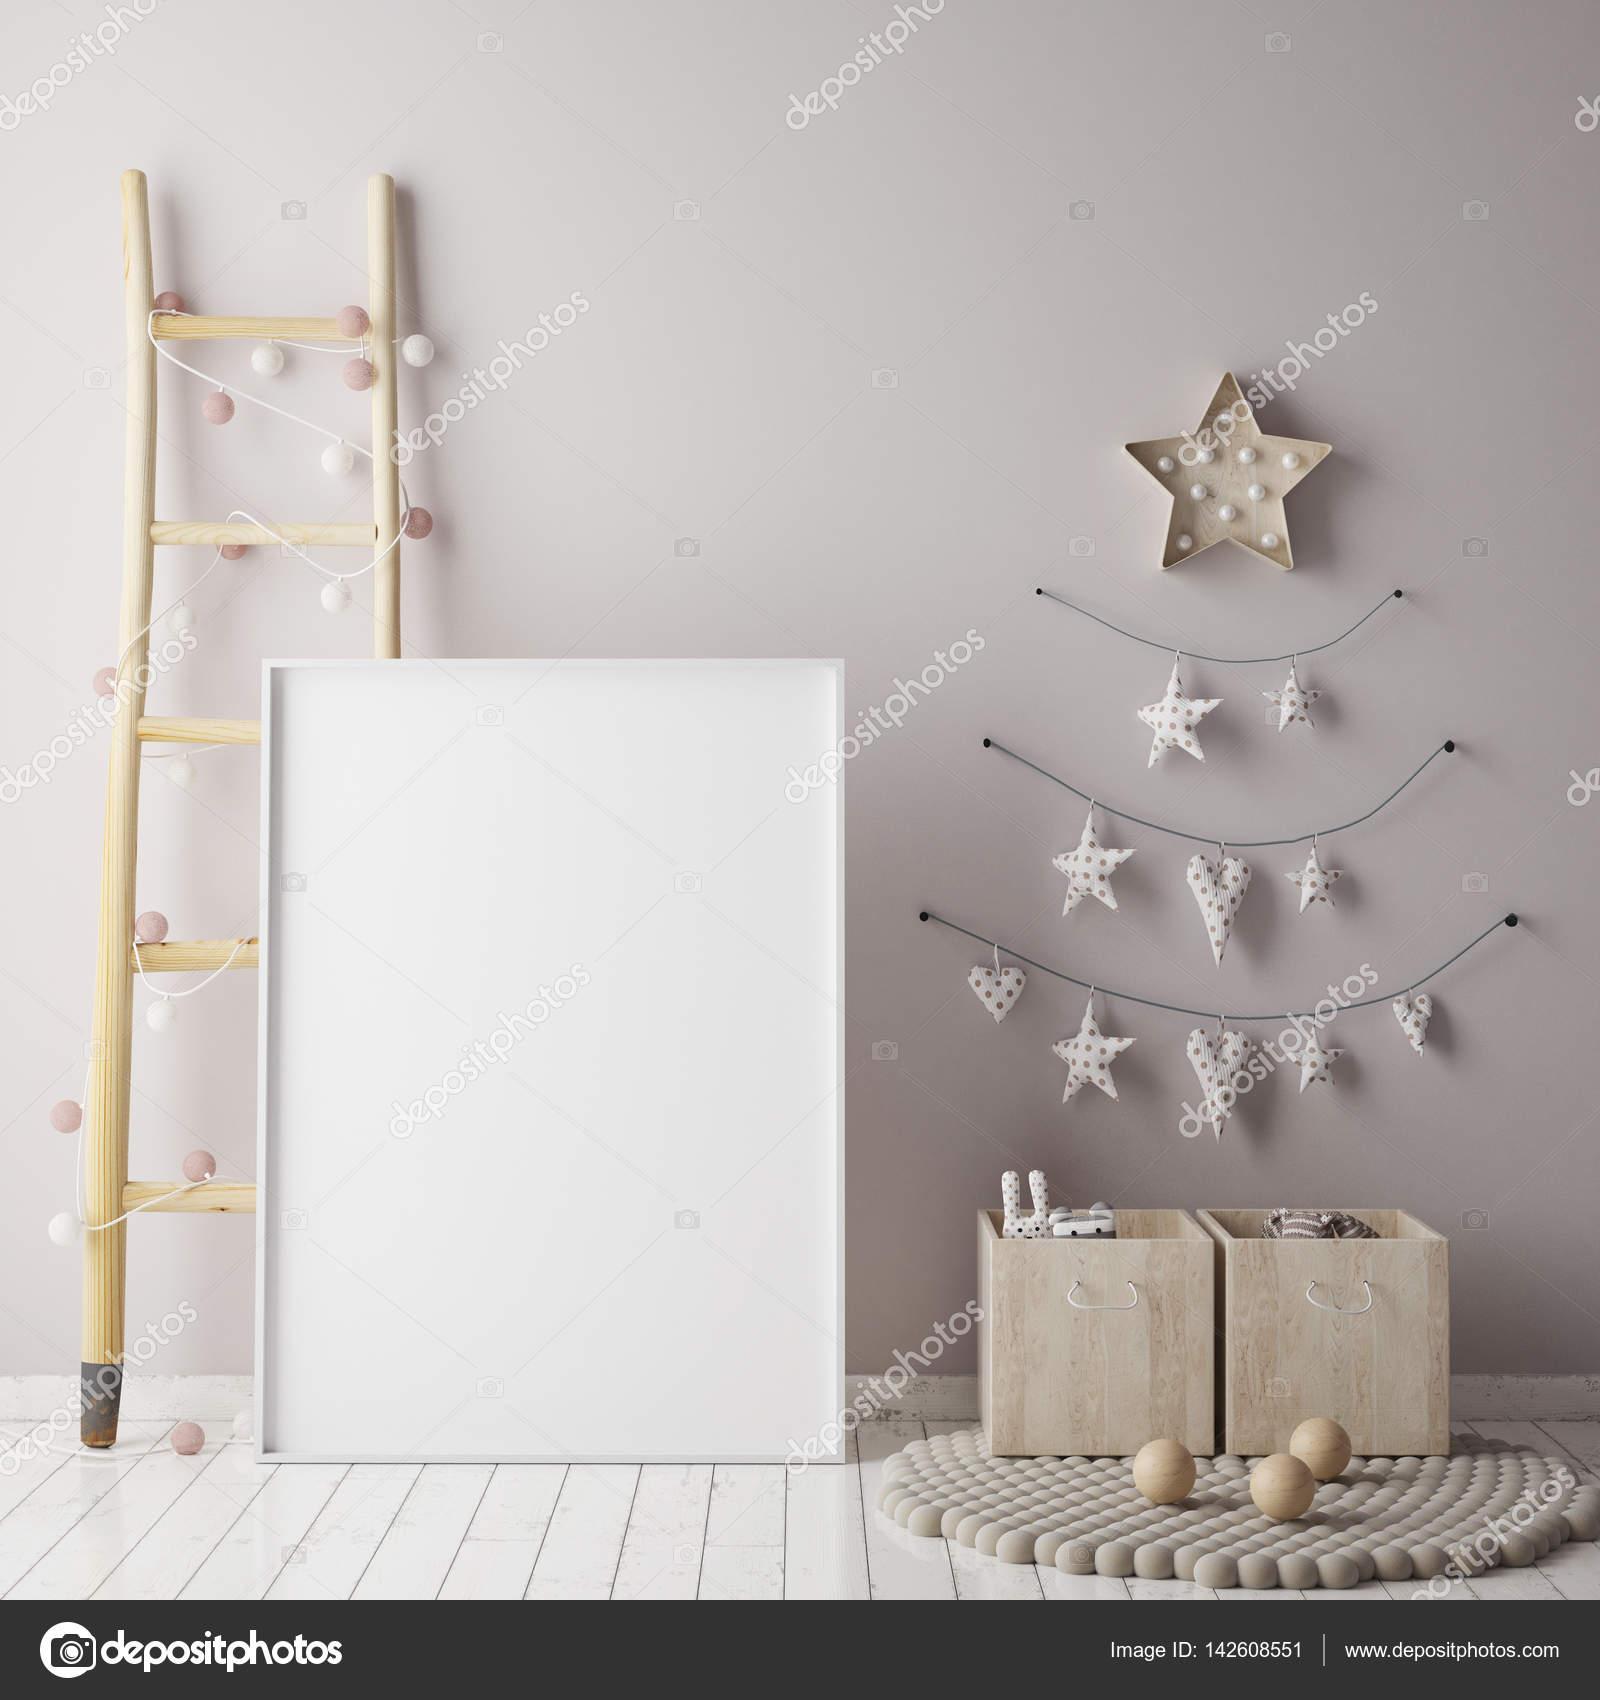 mock up posterrahmen im kinderzimmer mit christamas dekoration skandinavischen stil innen. Black Bedroom Furniture Sets. Home Design Ideas